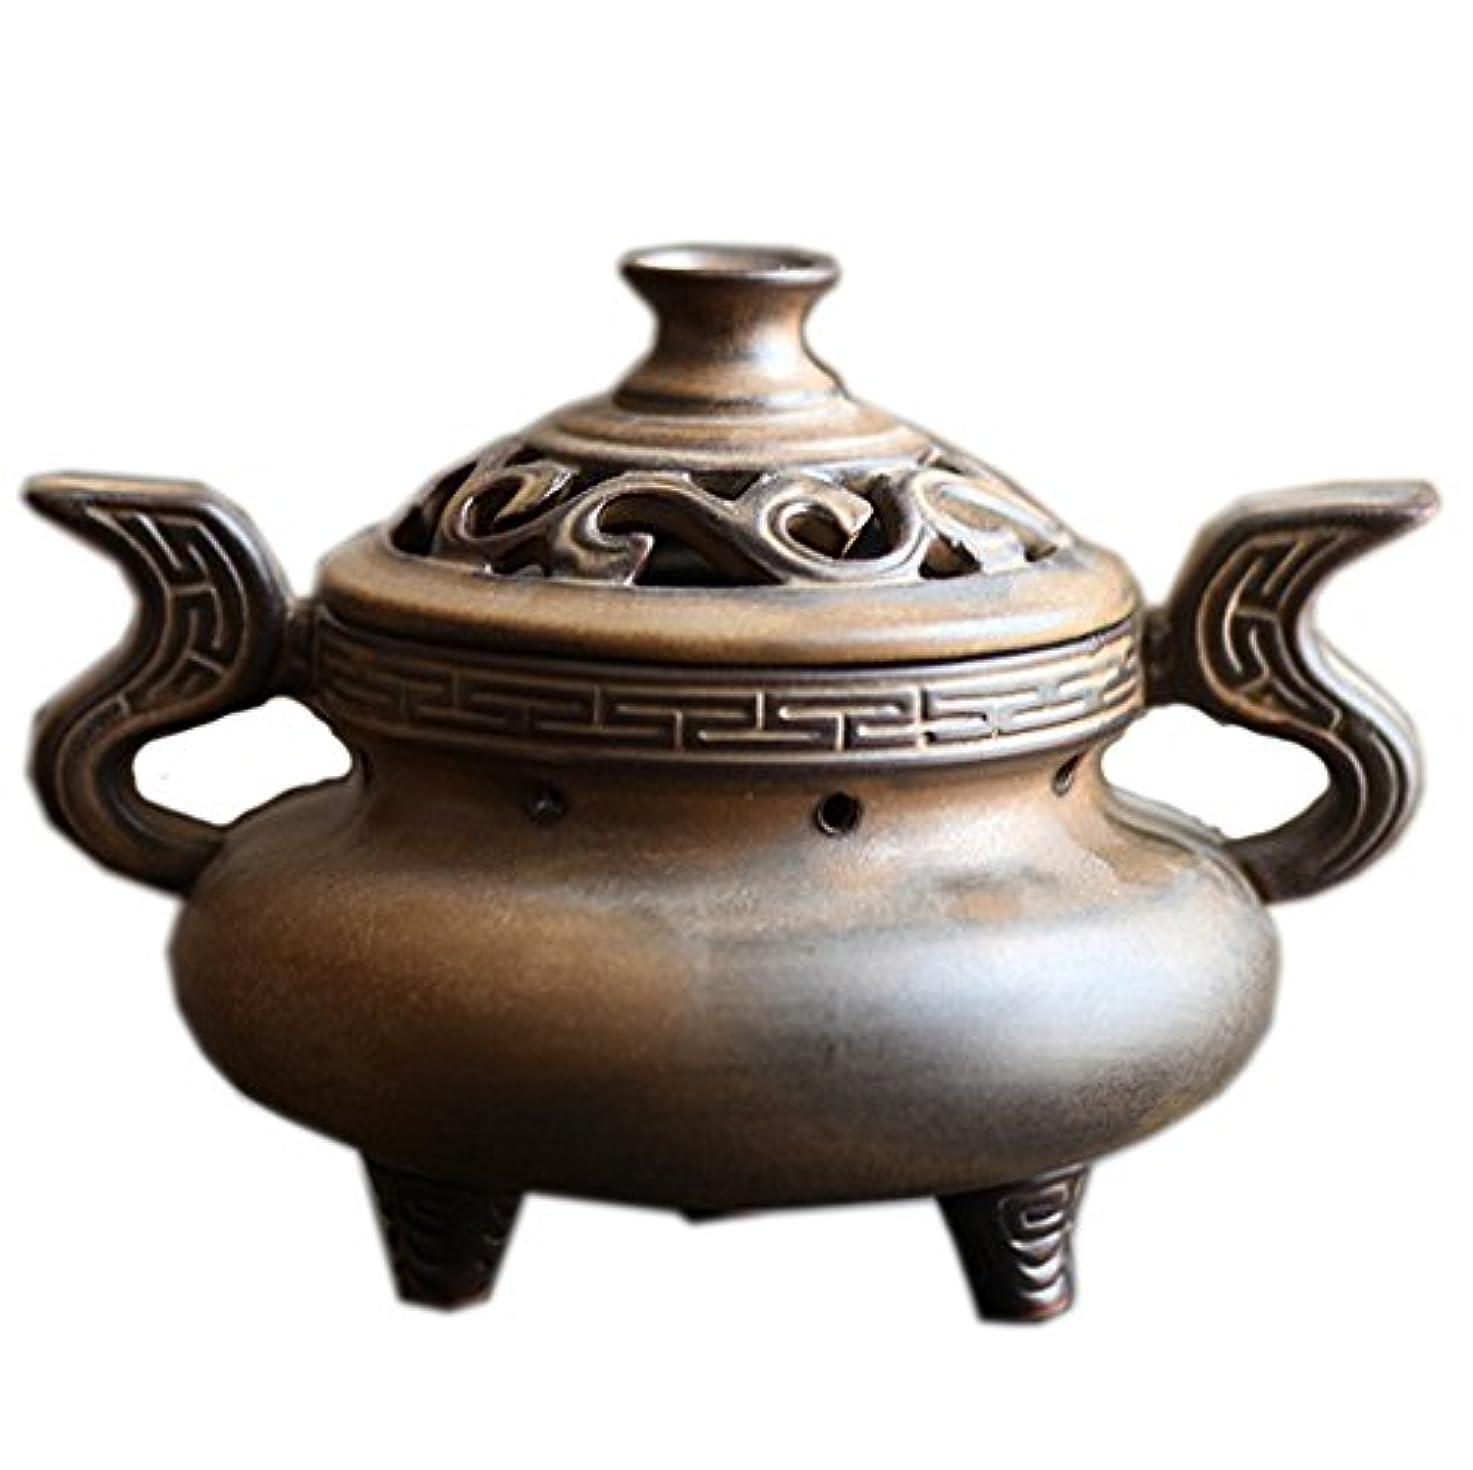 居住者退化する熱意(ラシューバー) Lasuiveur 陶磁器 香炉 香立て 渦巻き線香 線香立て お香立て